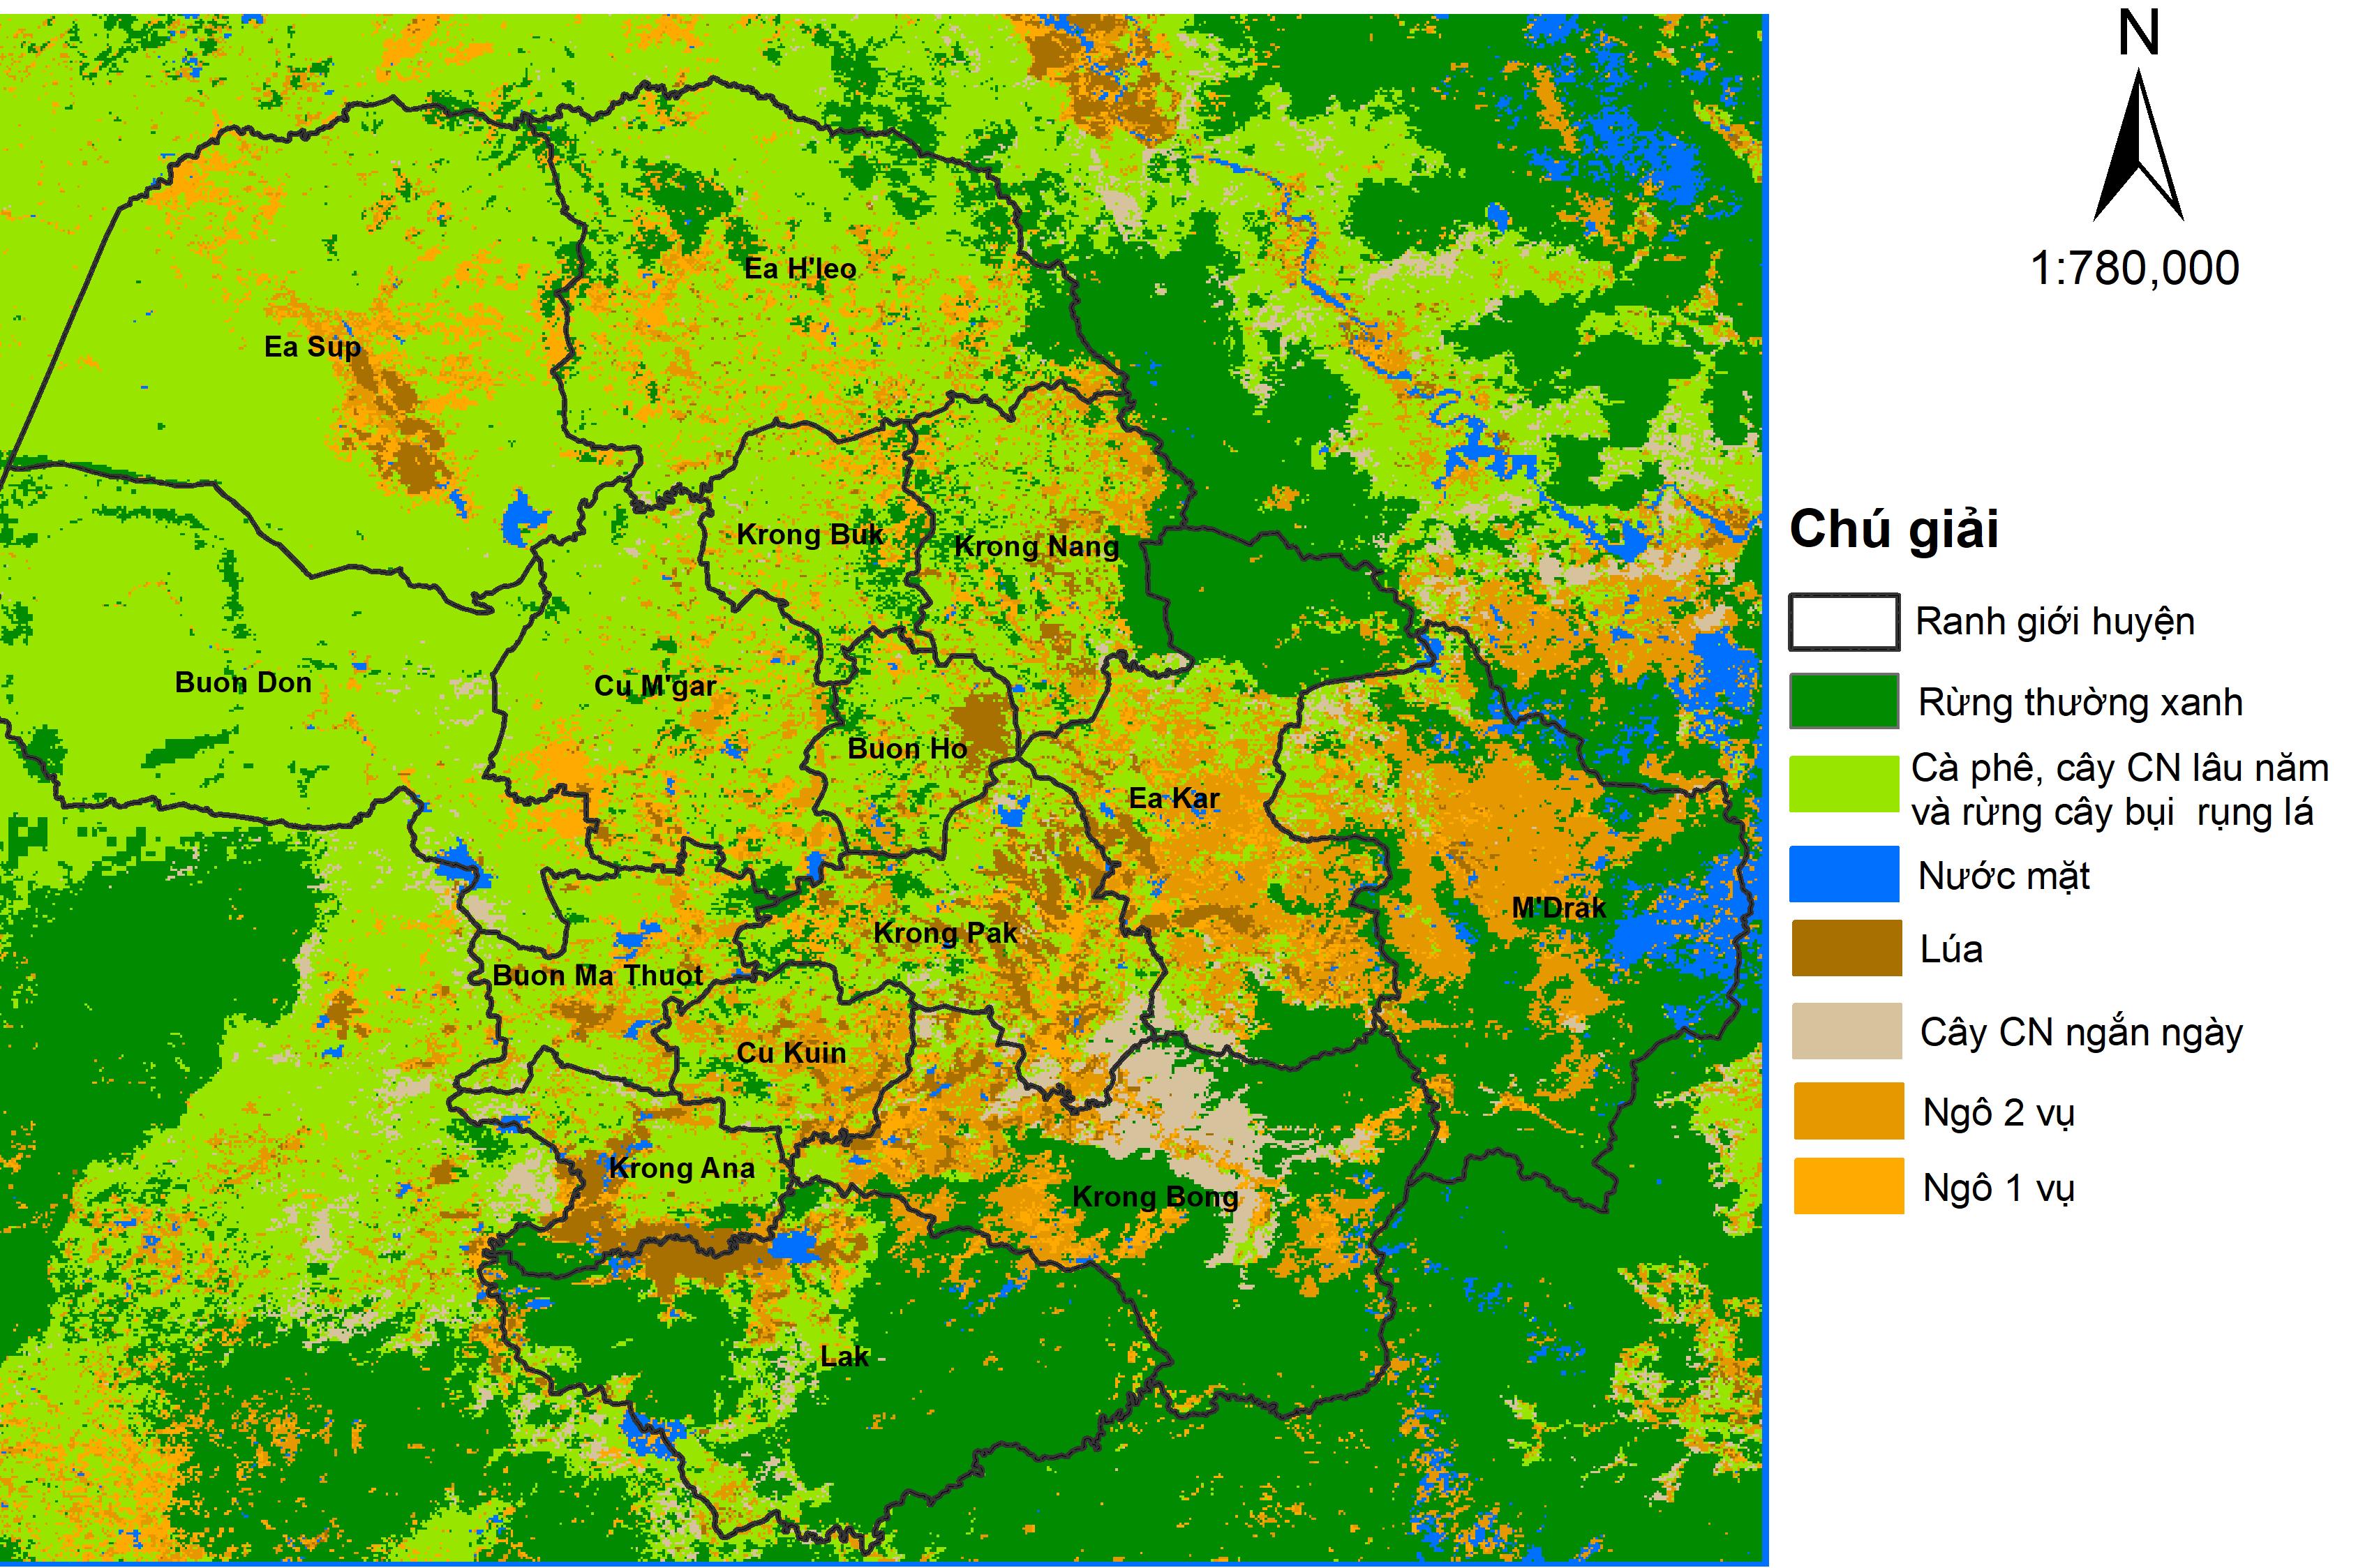 Hiện trạng phân bố vùng trồng ngô và một số cây trồng khác tại Đắk Lắk năm 2019 dựa trên dữ liệu ảnh vệ tinh. Nguồn: nhóm nghiên cứu cung cấp